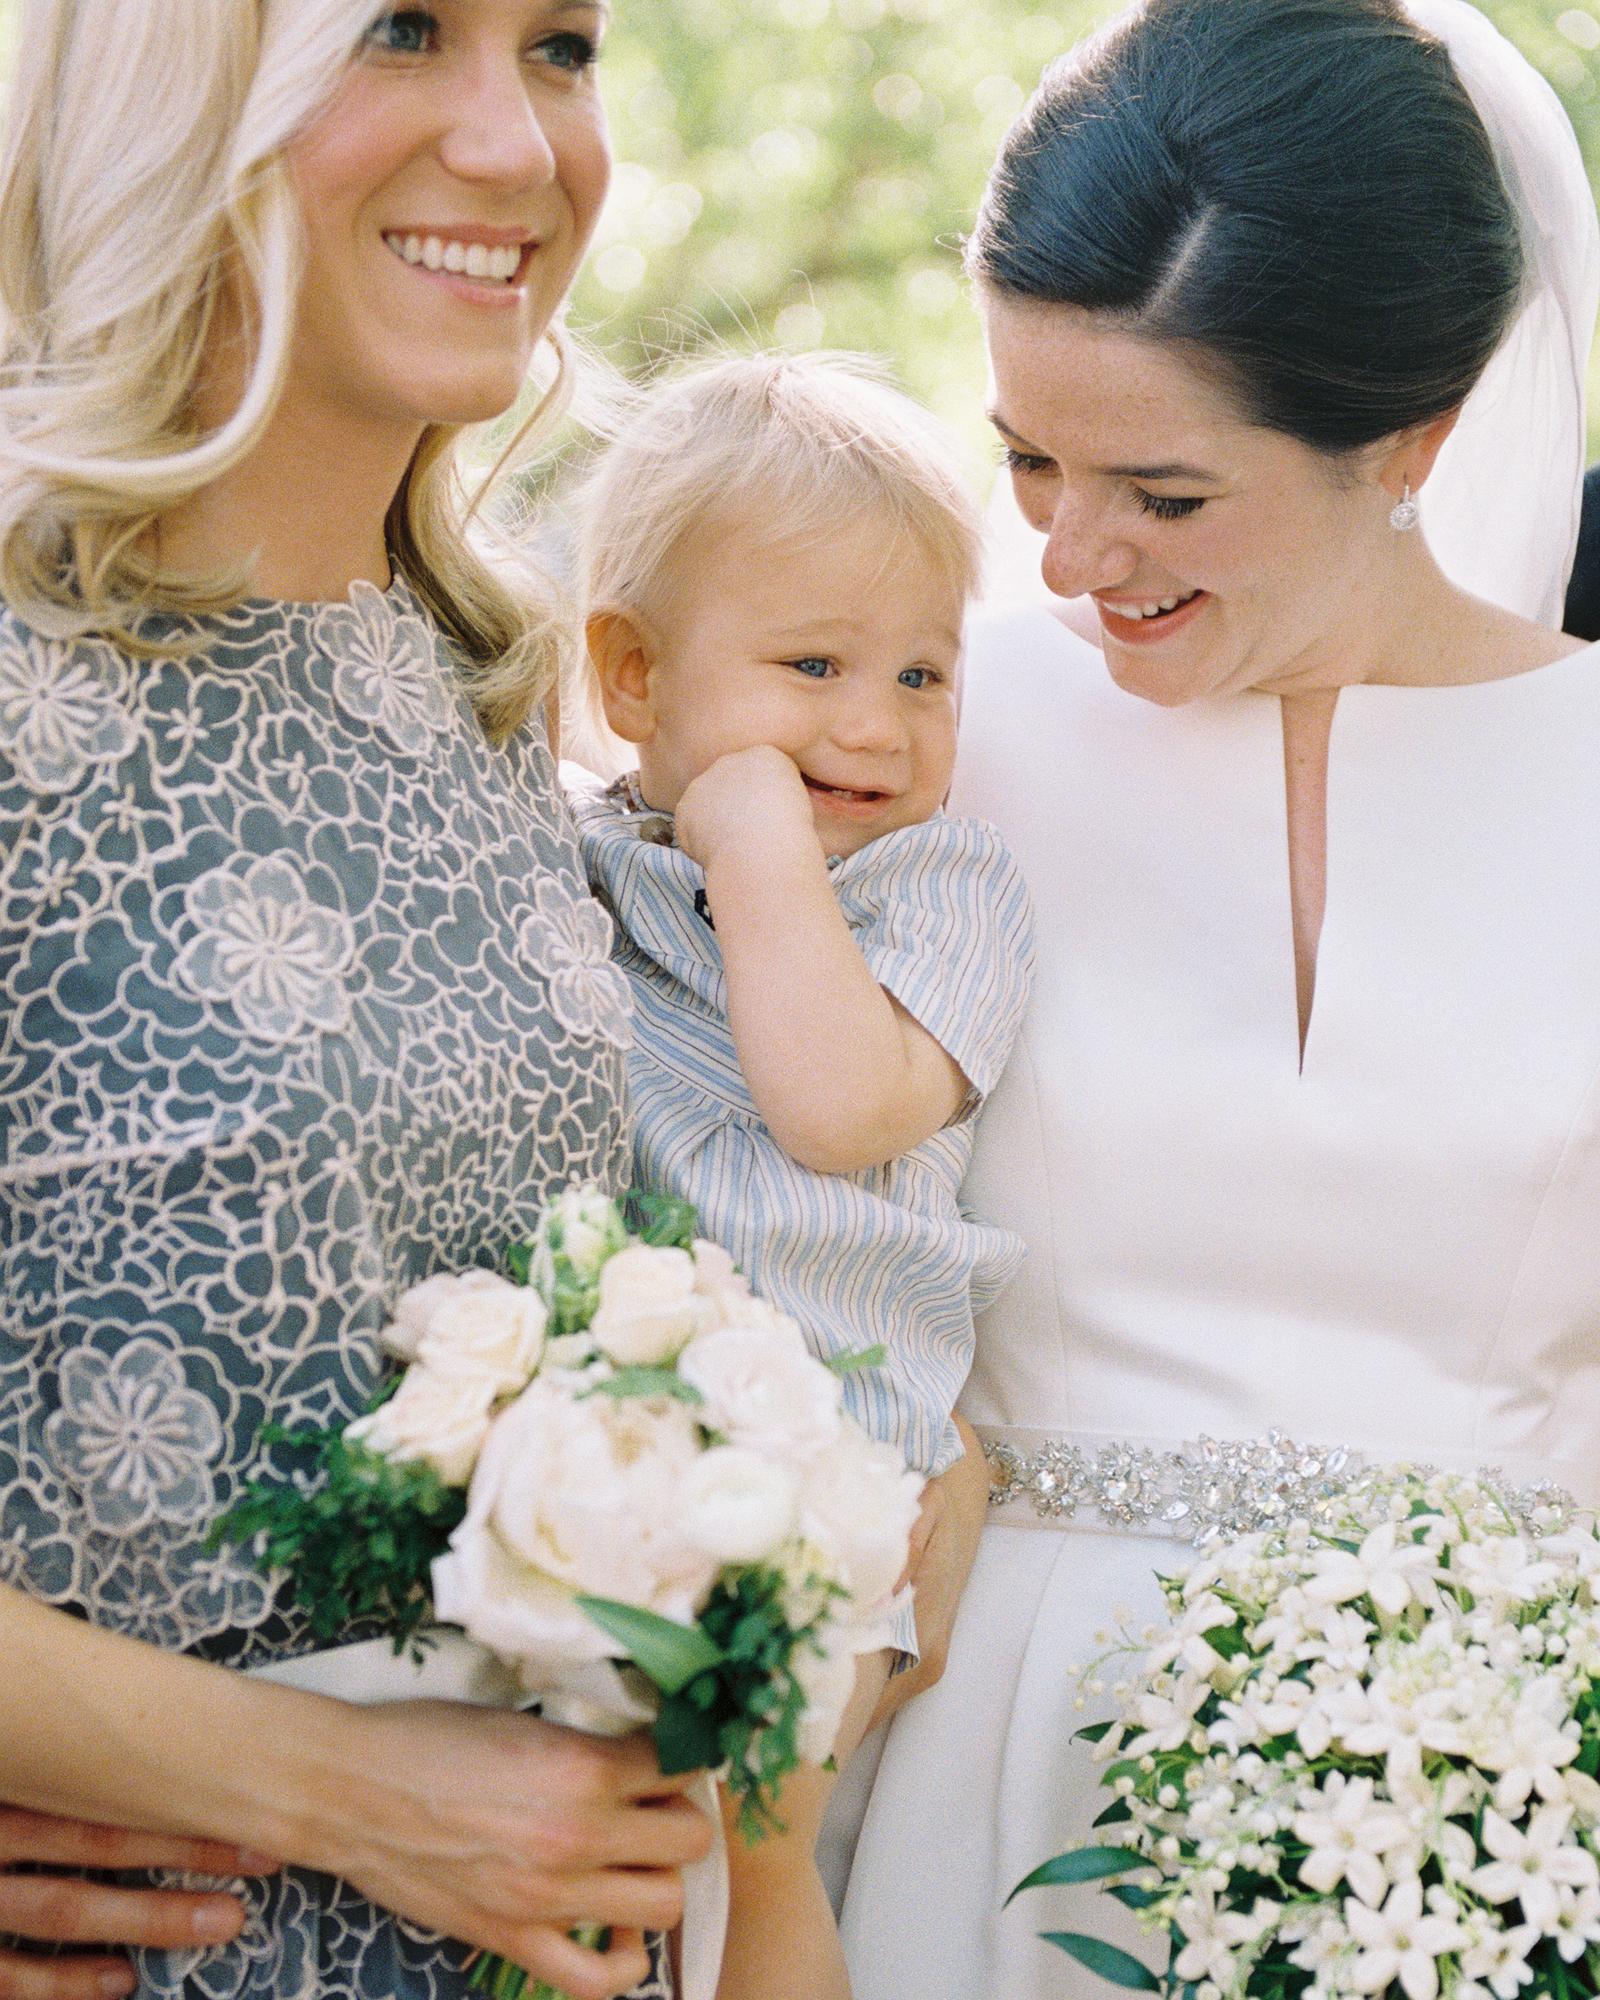 taylor-john-wedding-boy-307-s112507-0116.jpg